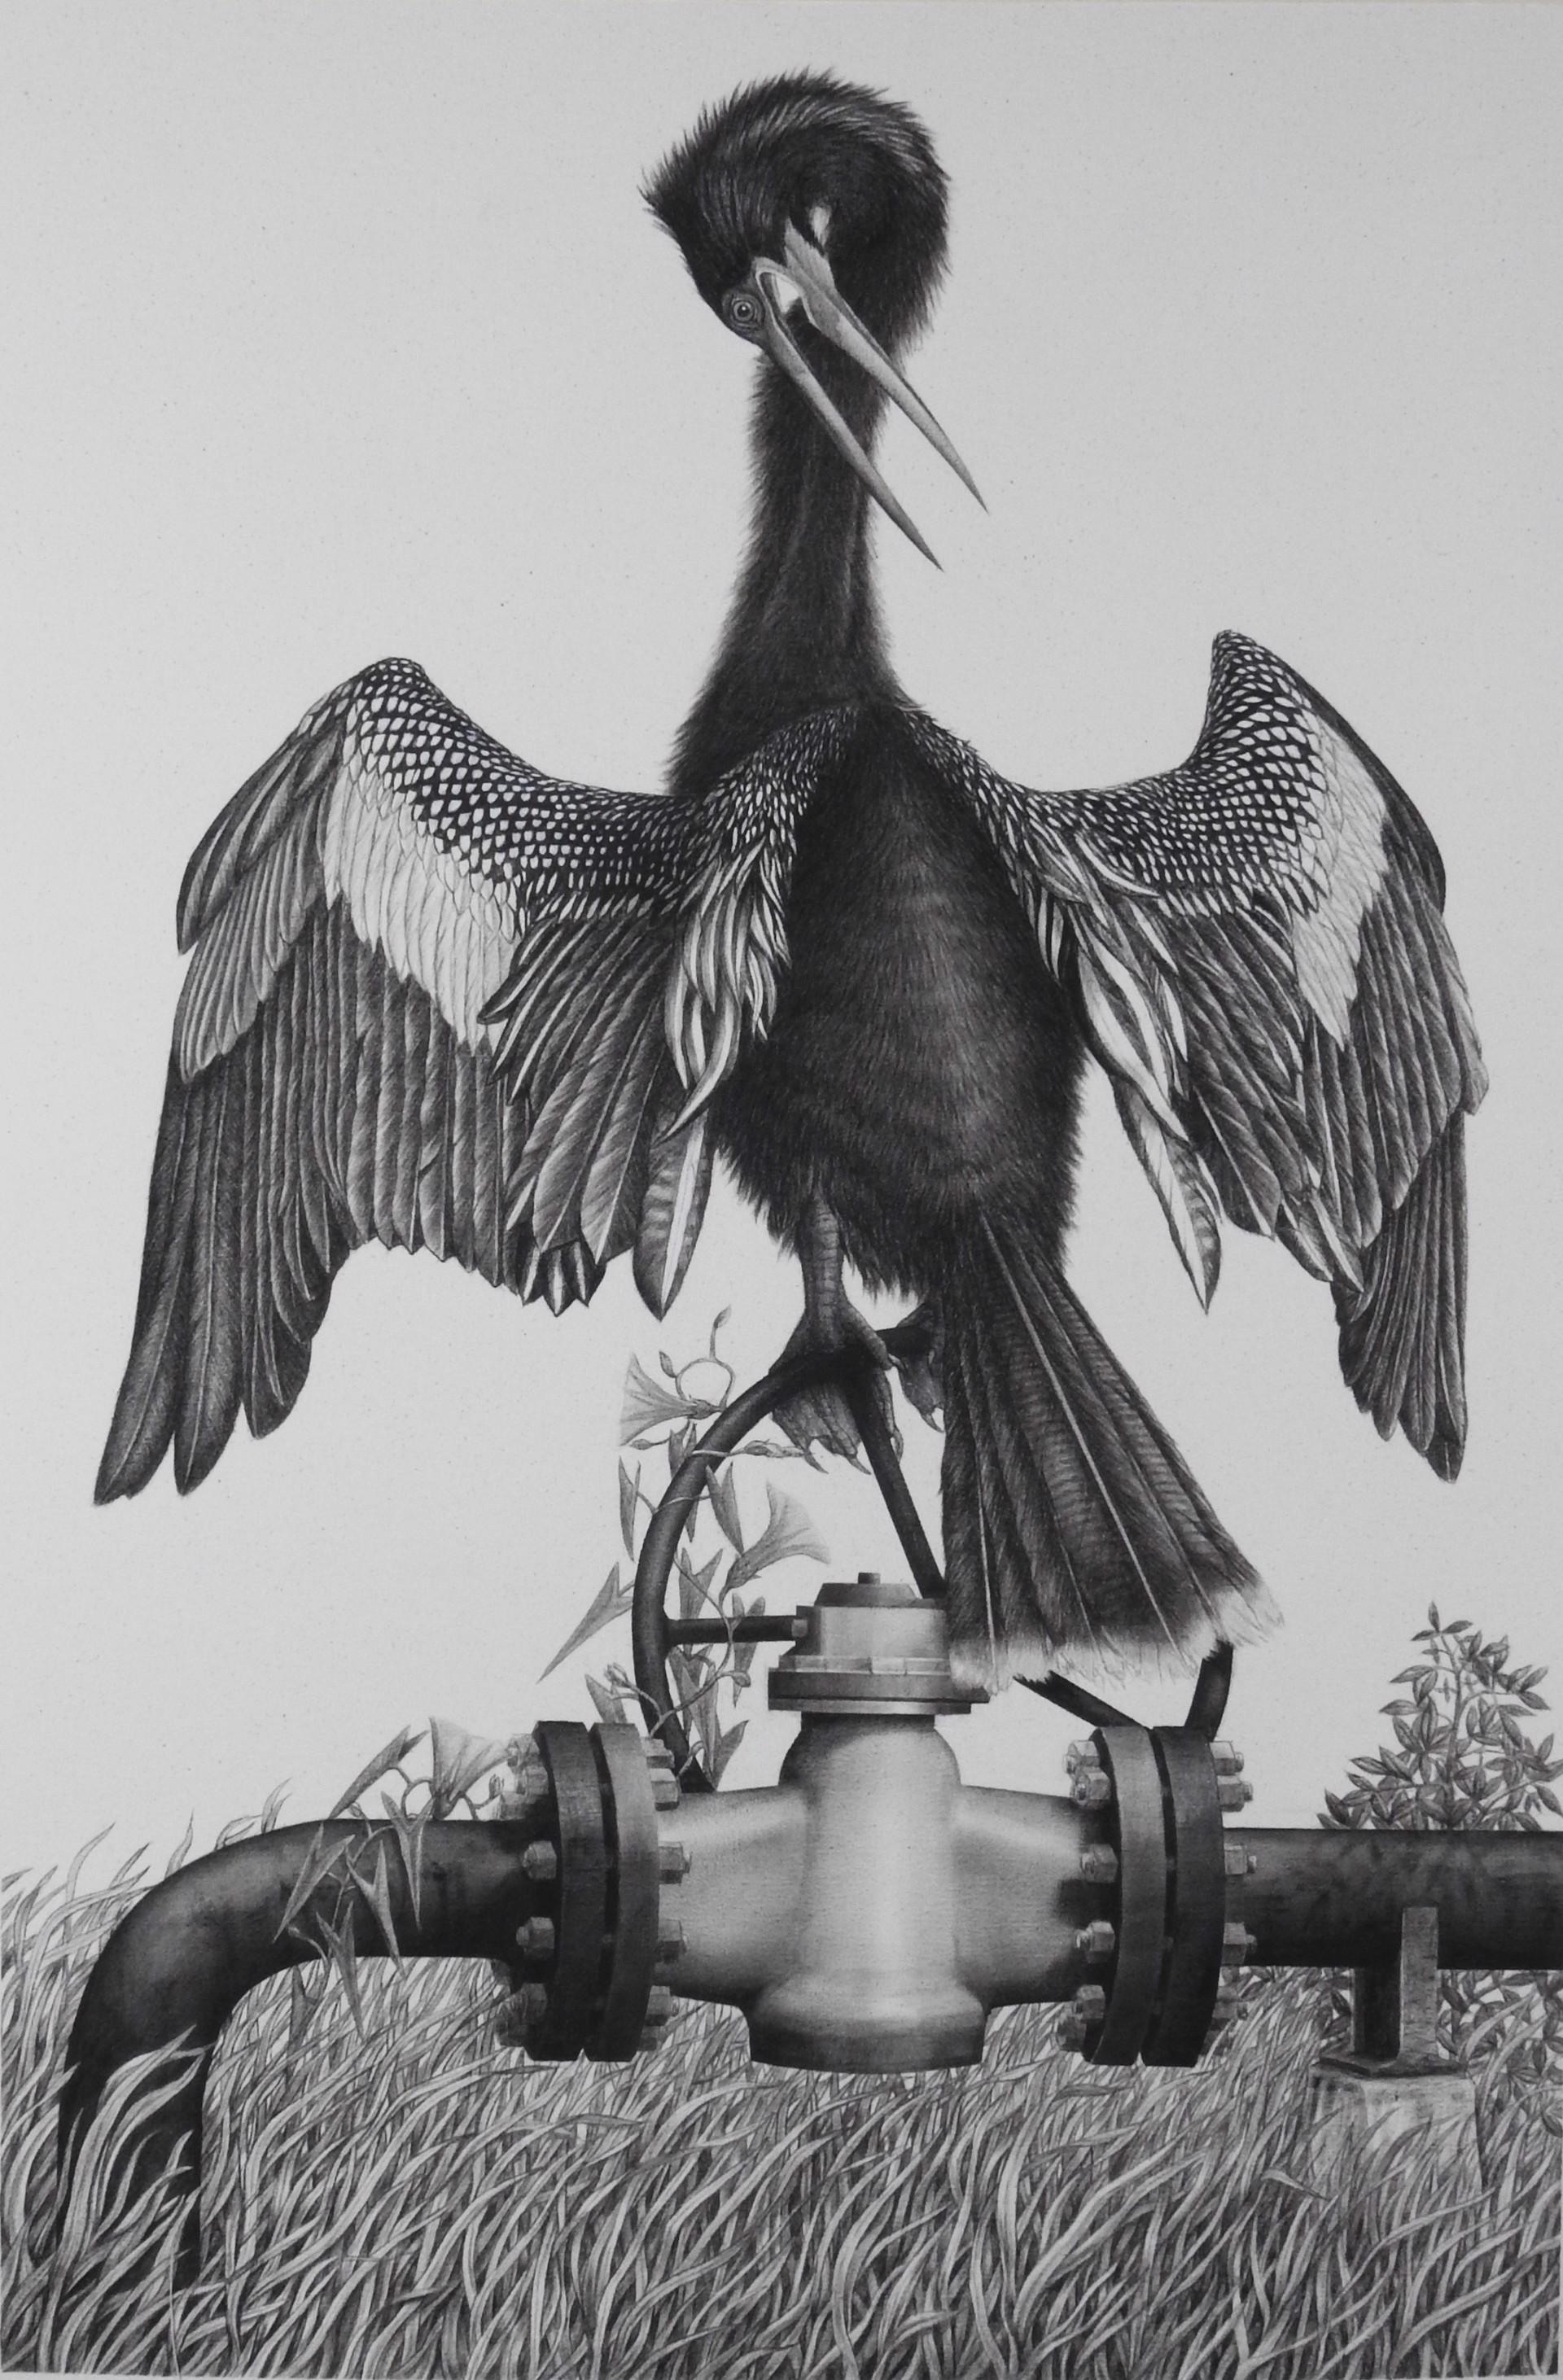 Snakebird by Margie Crisp